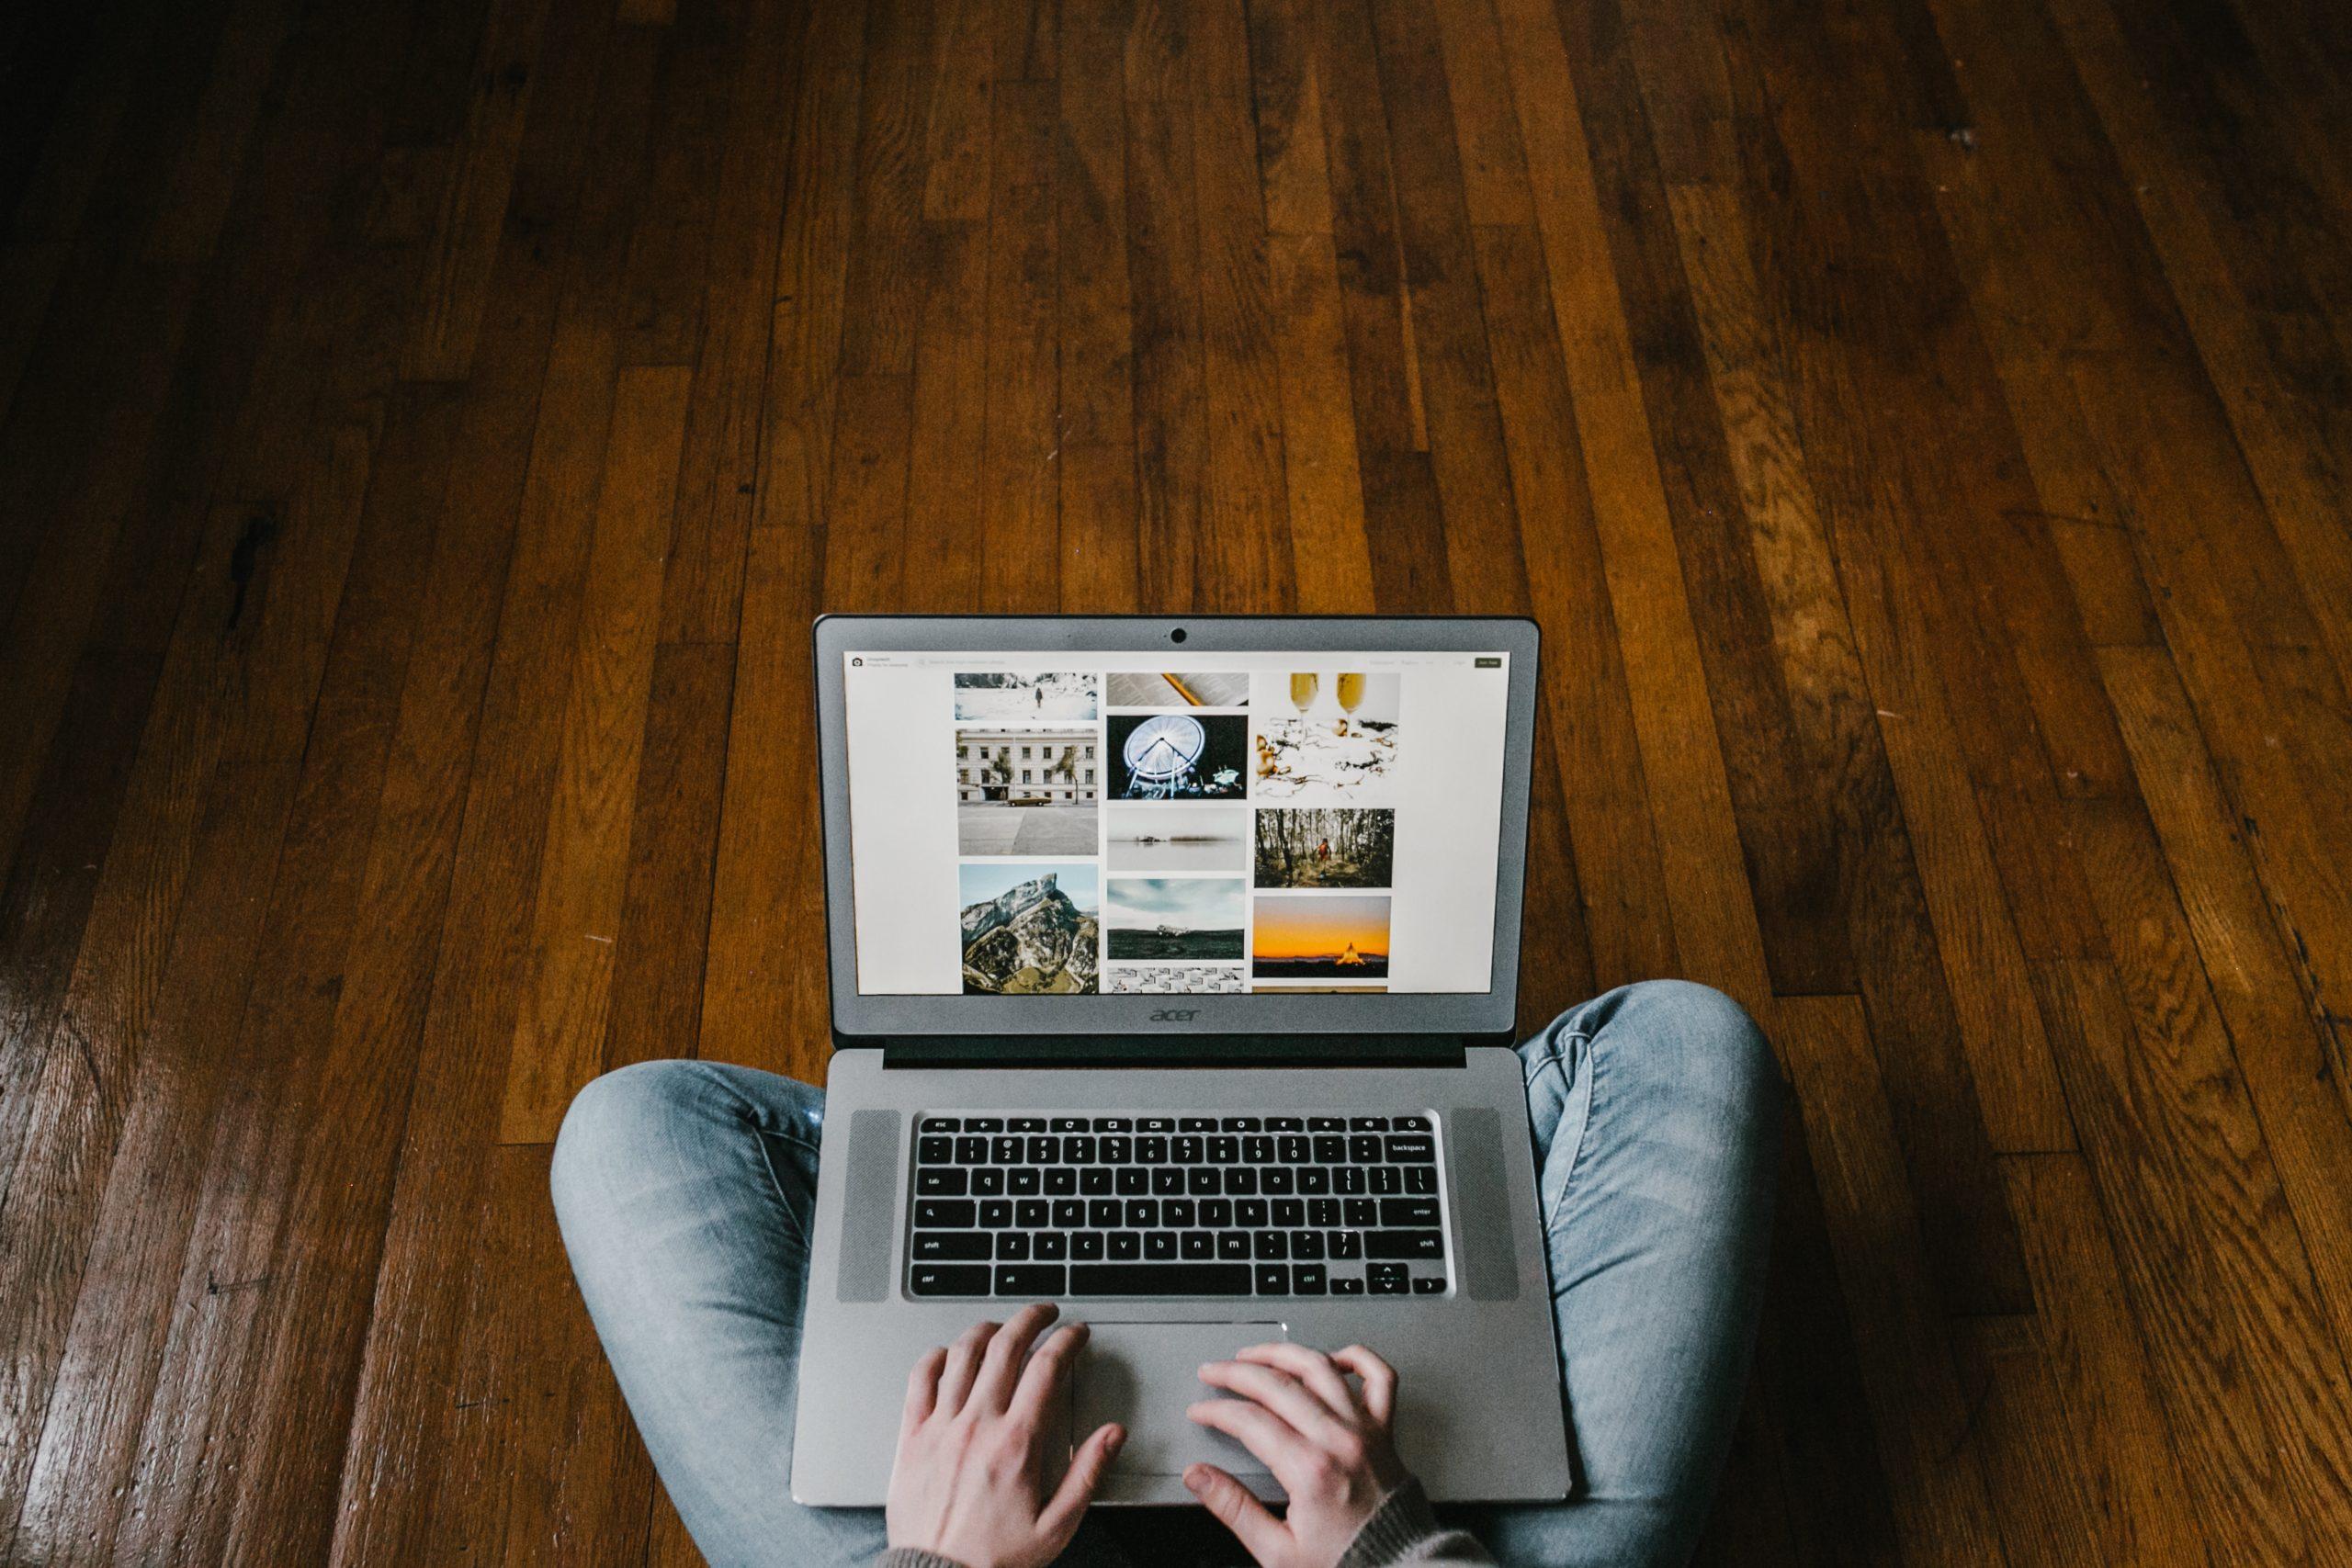 E-ticaret Sitesi Kurmak İçin İlk Adımı Nasıl Atmalıyım?